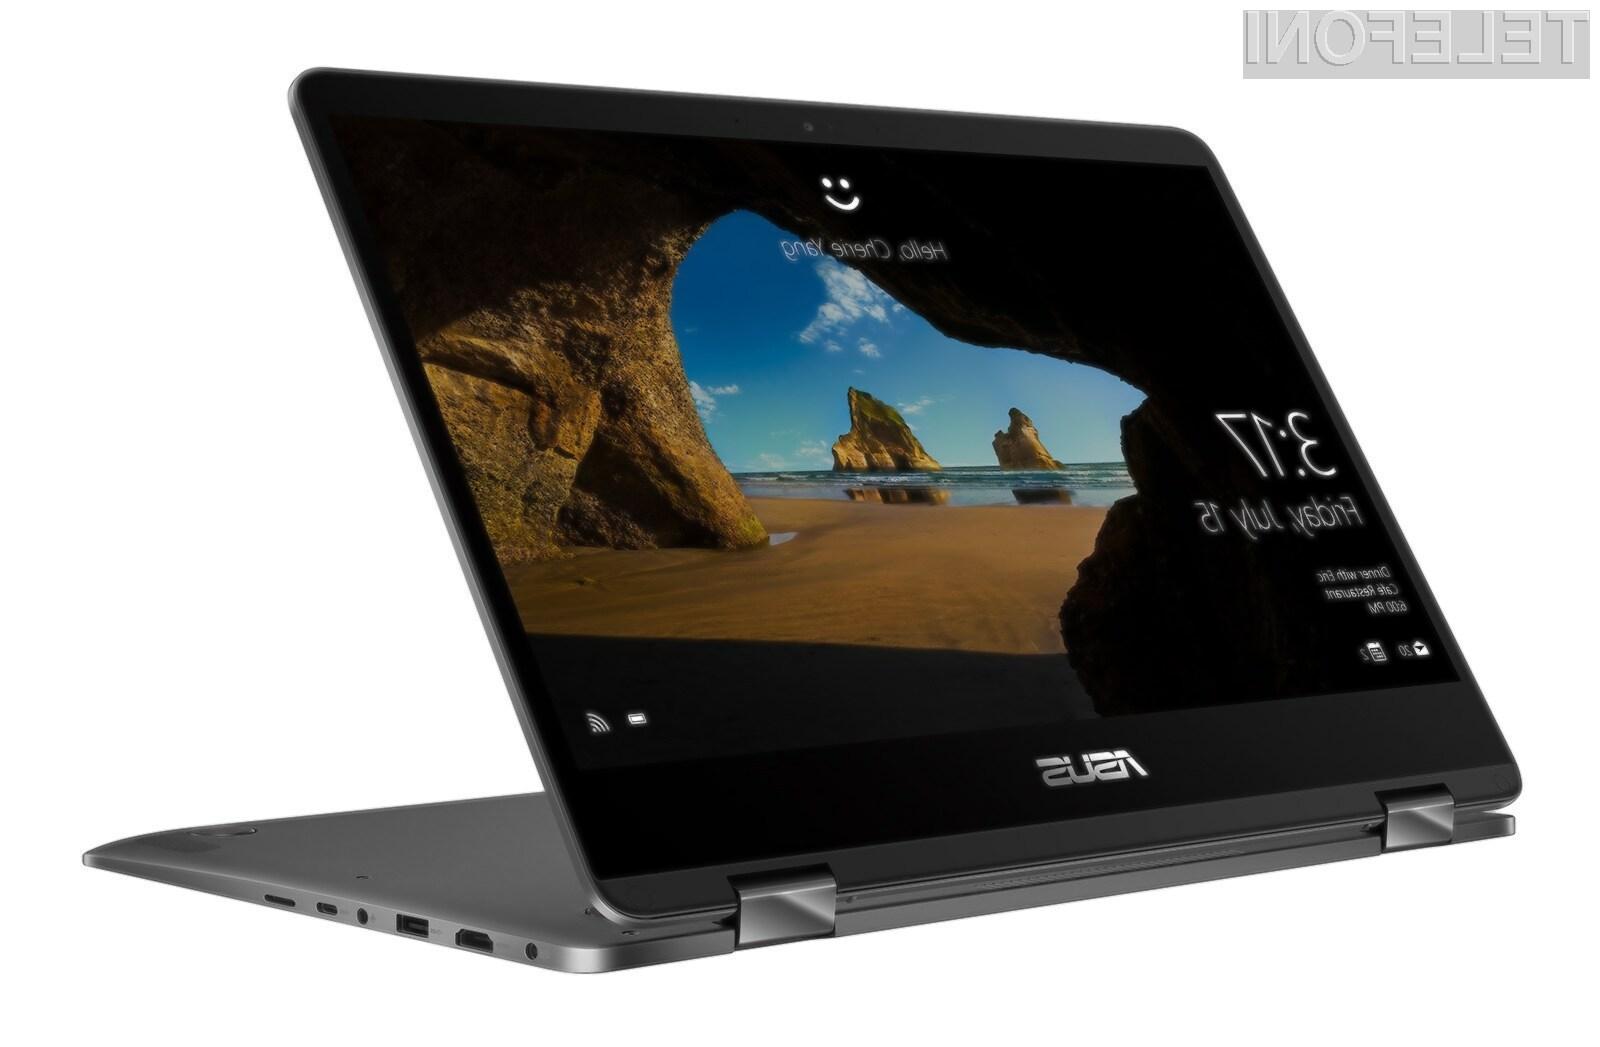 Prenosni računalnik z mobilnim procesorjem Snapdragon 835 naj bi kot prvo izdelalo podjetje Asus.